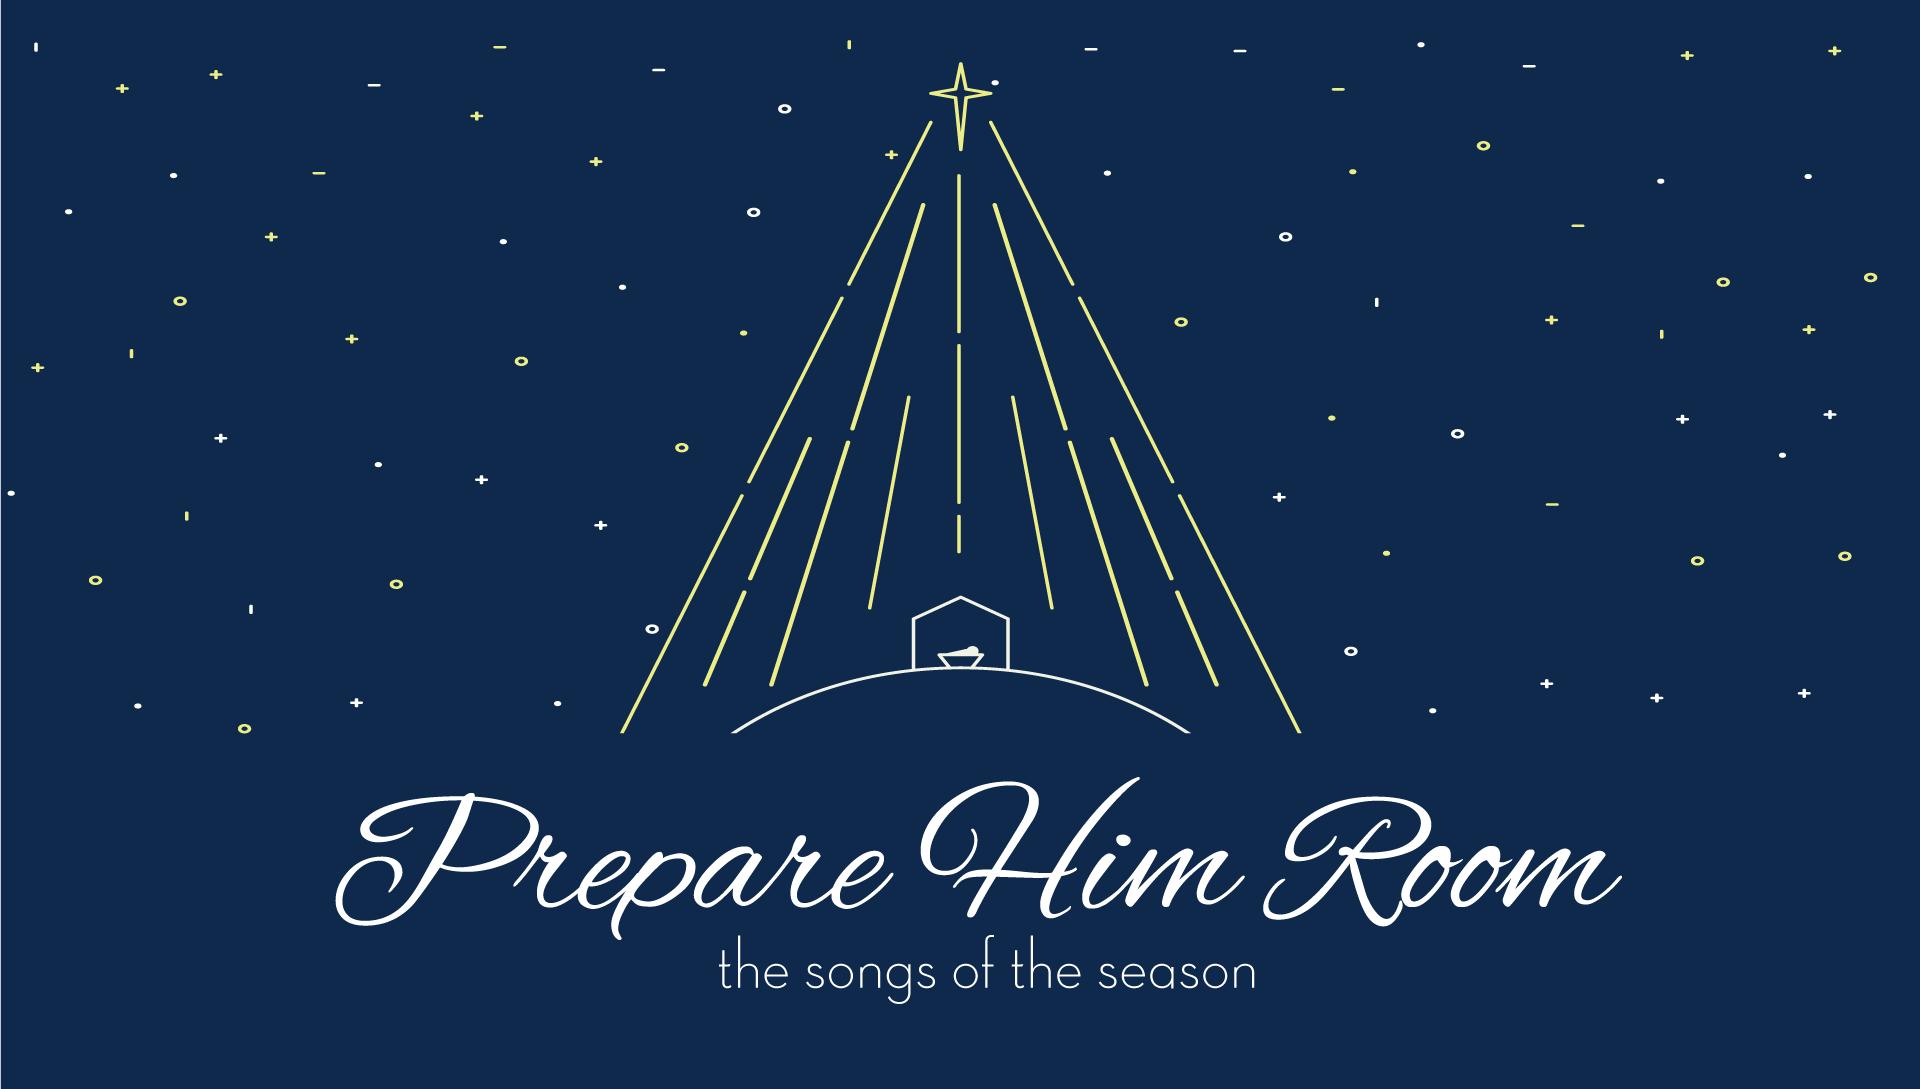 Advent2017-PrepareHimRoom